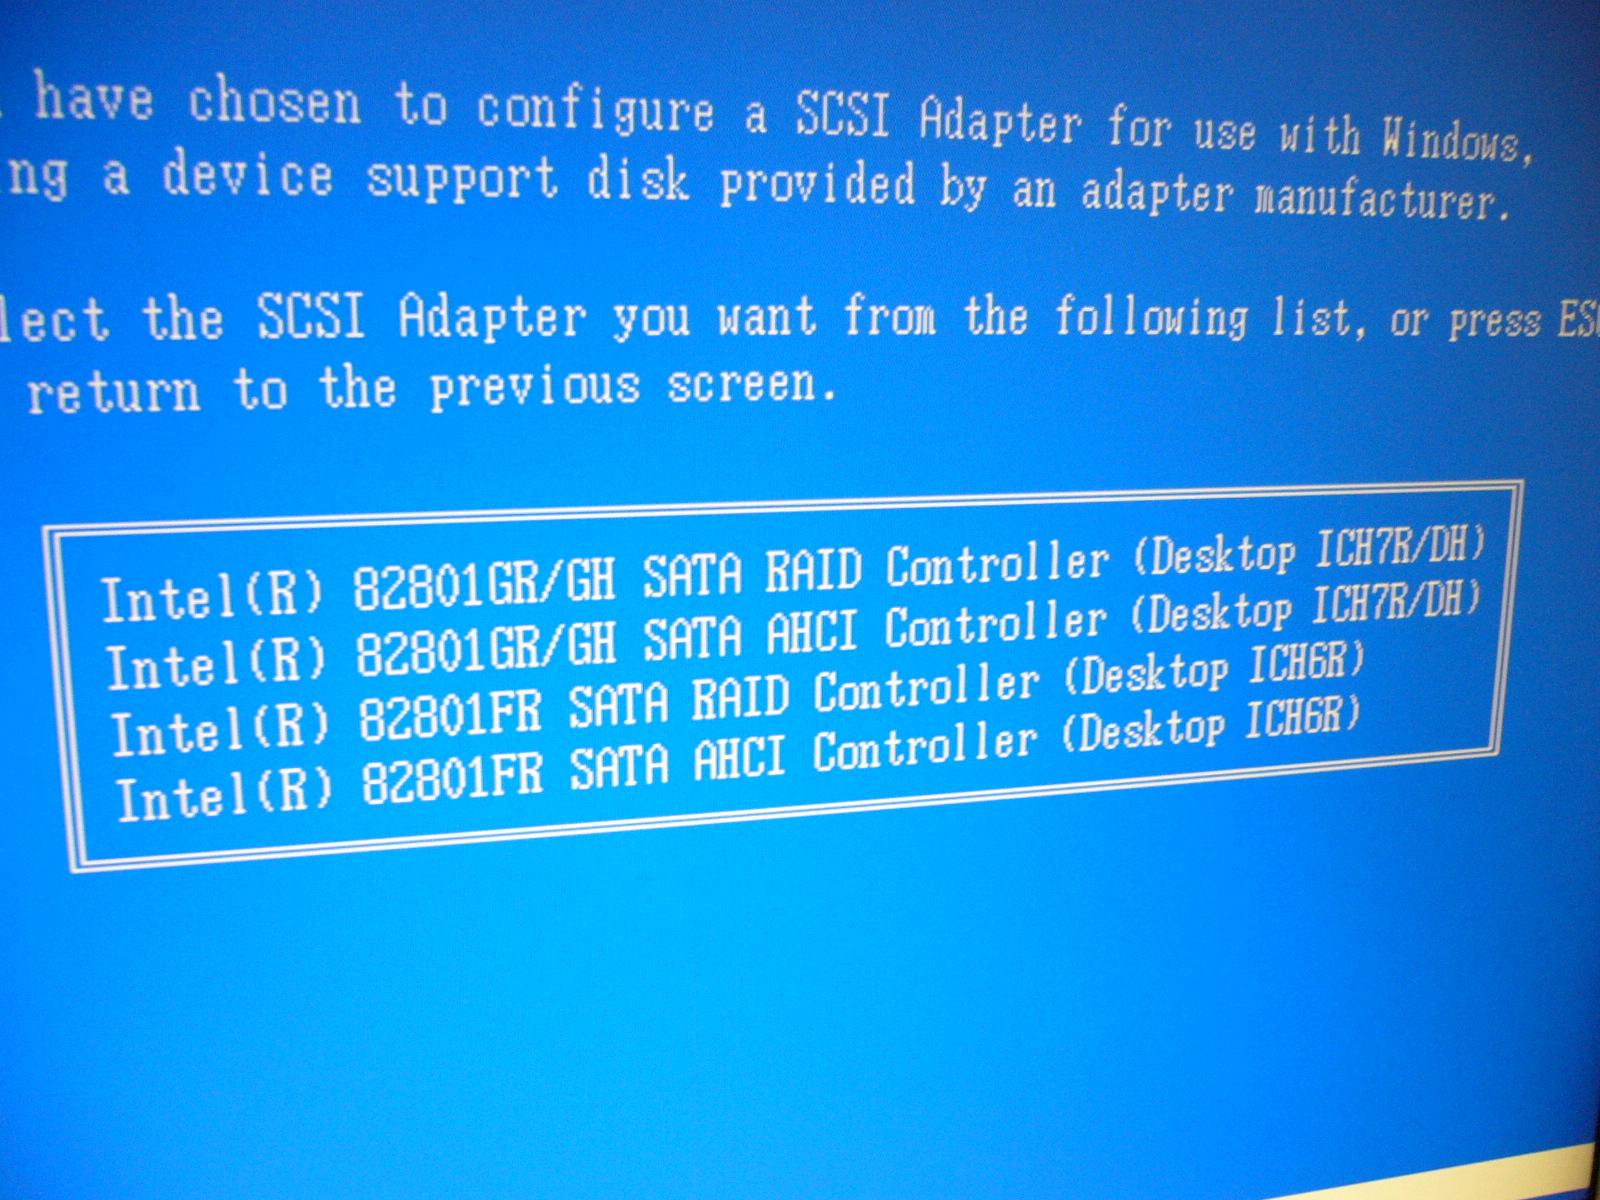 Intel 82801gr gh sata raid controller